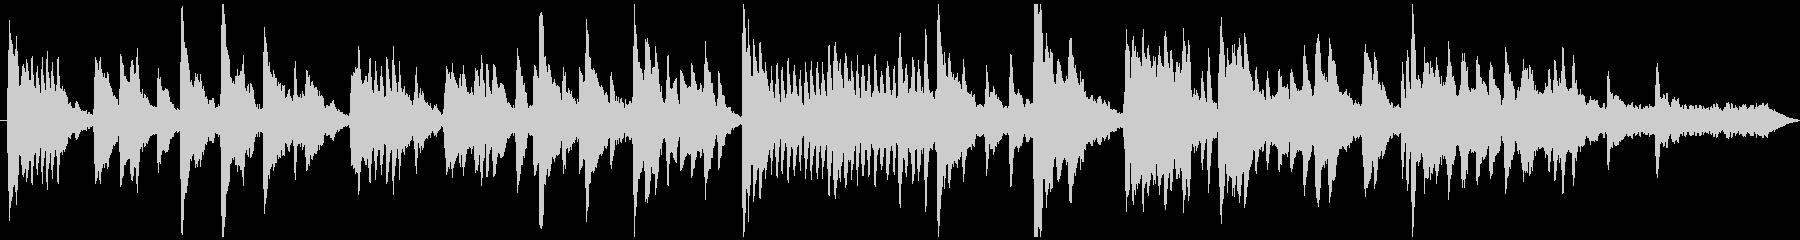 控えめなメロディーのソロピアノ曲の未再生の波形